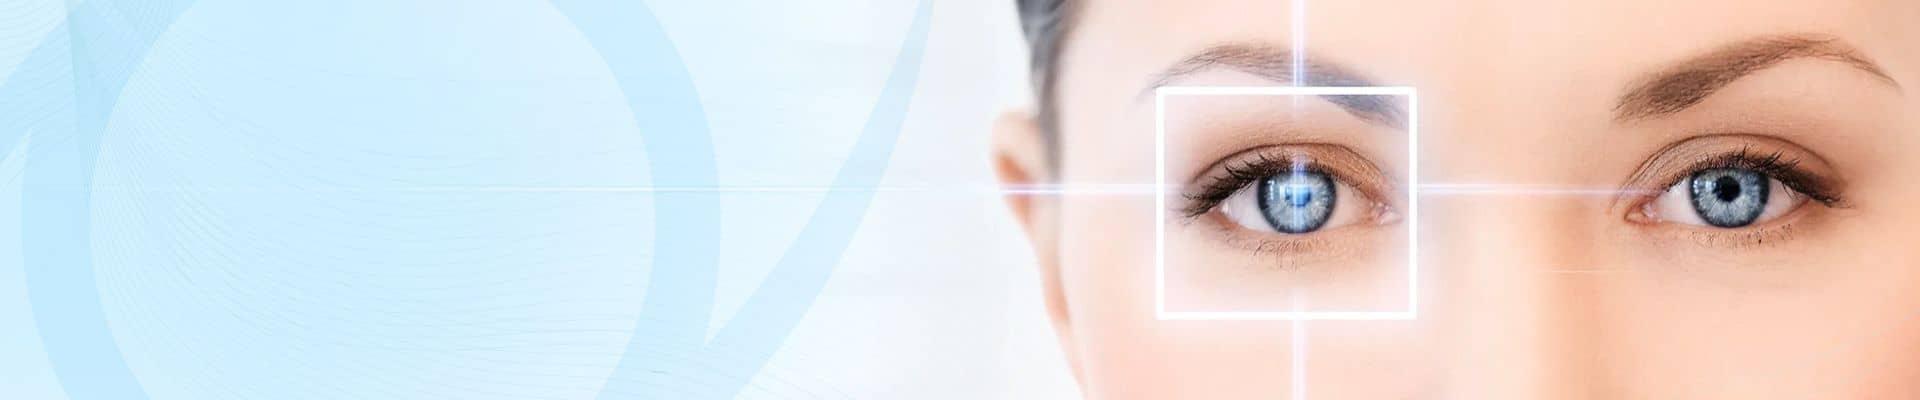 hogyan kell kezelni a látást 12 évesen)